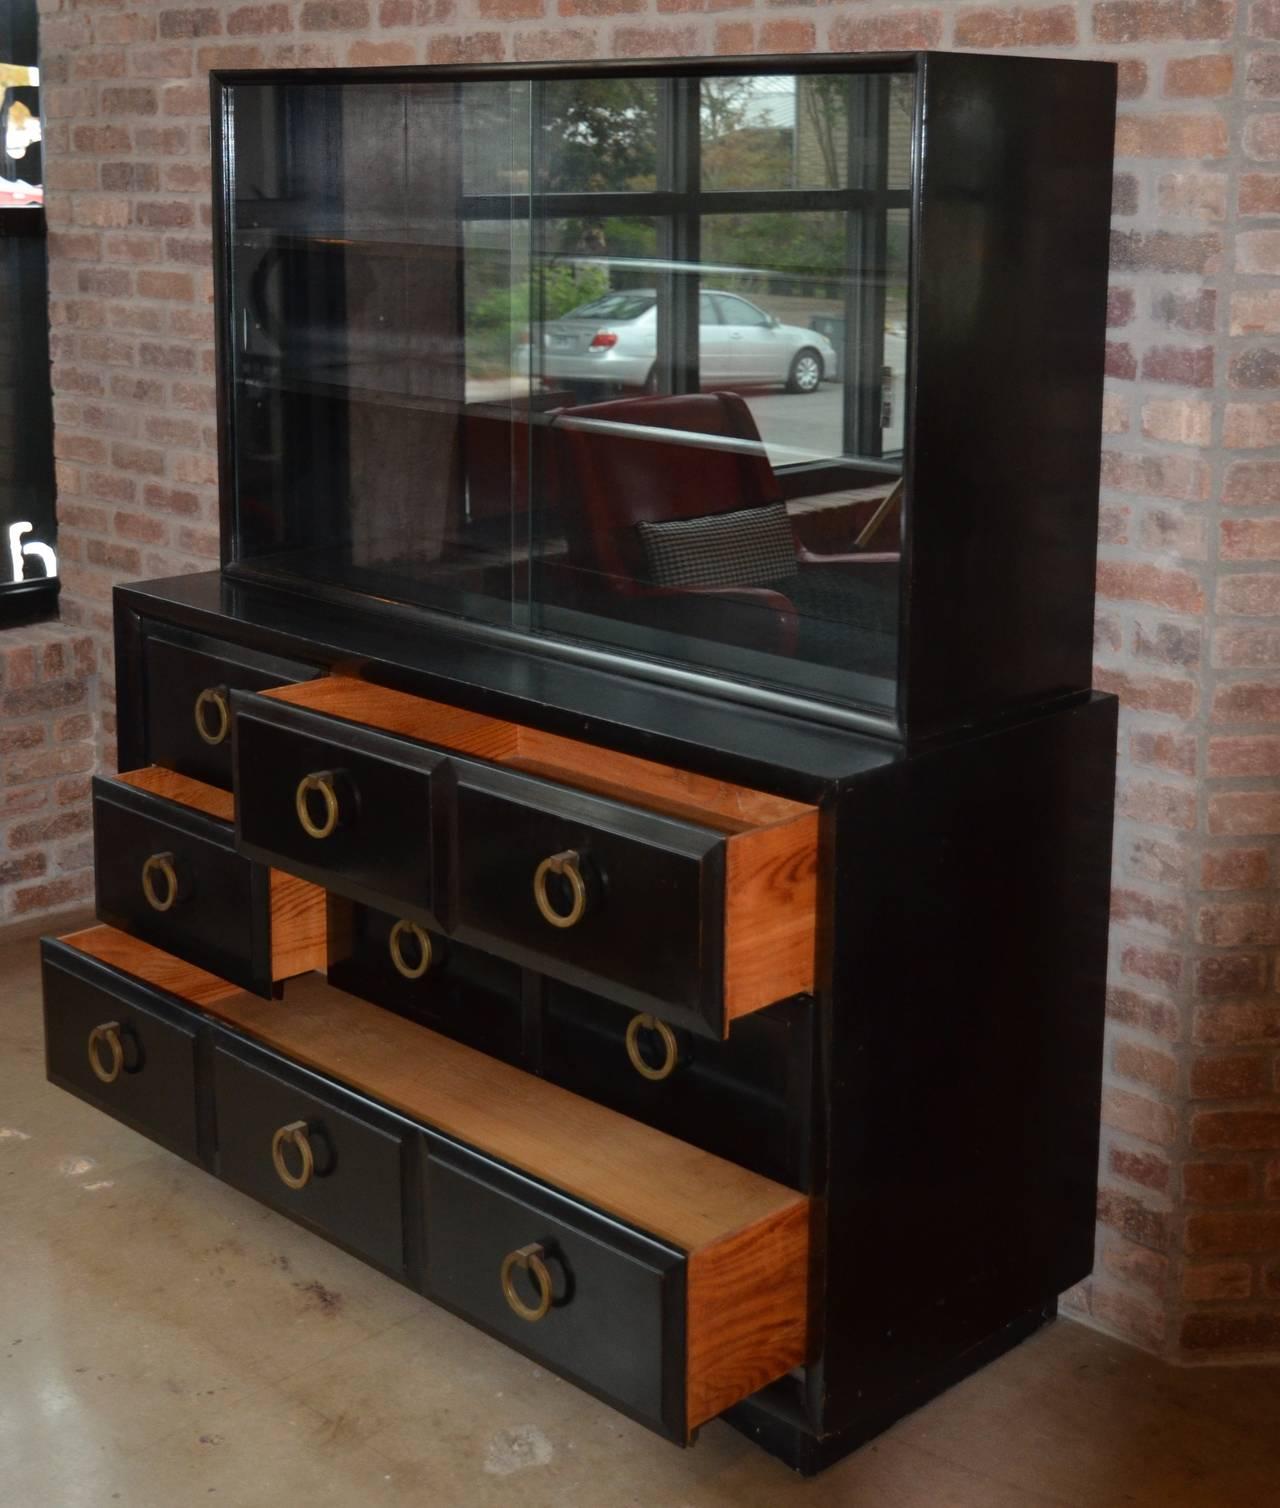 Brass Mid-Century Dresser or Media Cabinet by T. H. Robsjohn-Gibbings for Widdicomb For Sale